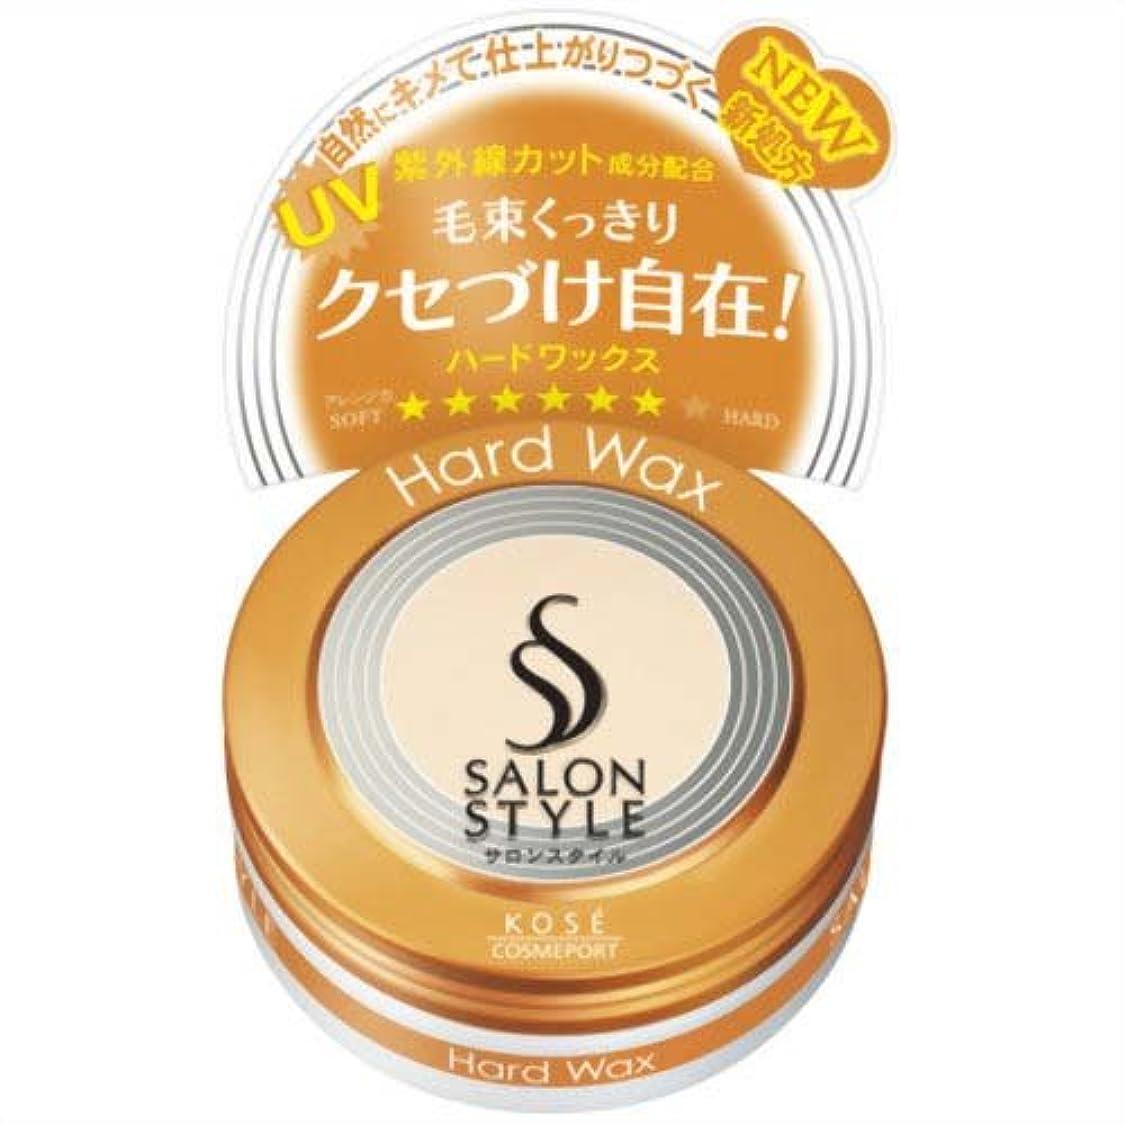 シャンパン感覚第三サロンスタイル ヘアワックス (ハード) 75g